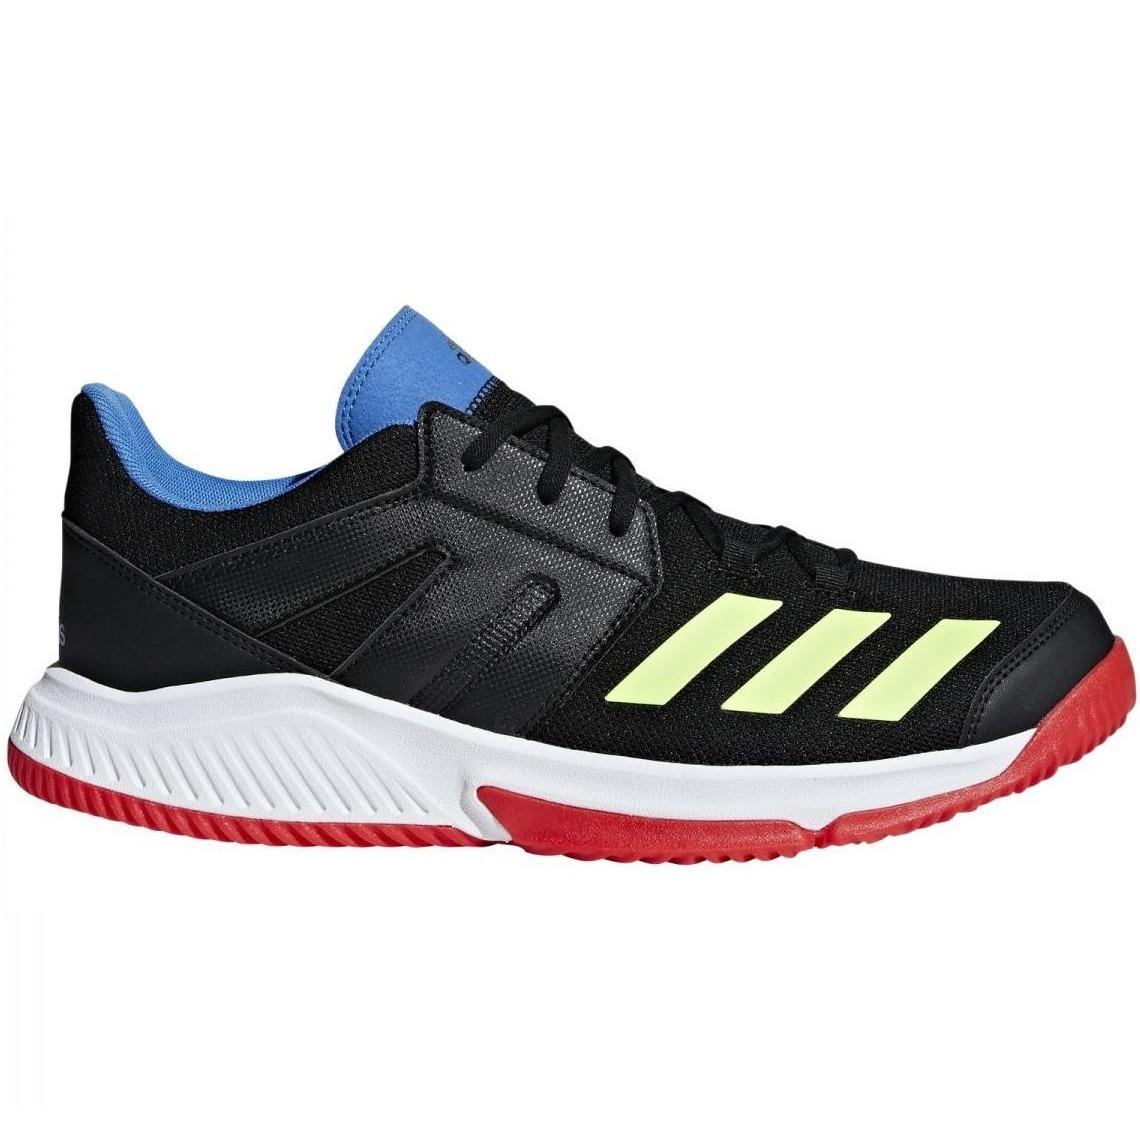 texture nette vente en magasin style moderne Zapatillas Hombre adidas Stabil X Essence Handball Negro Voley Basquet  Indoor Envio Gratis Importadas